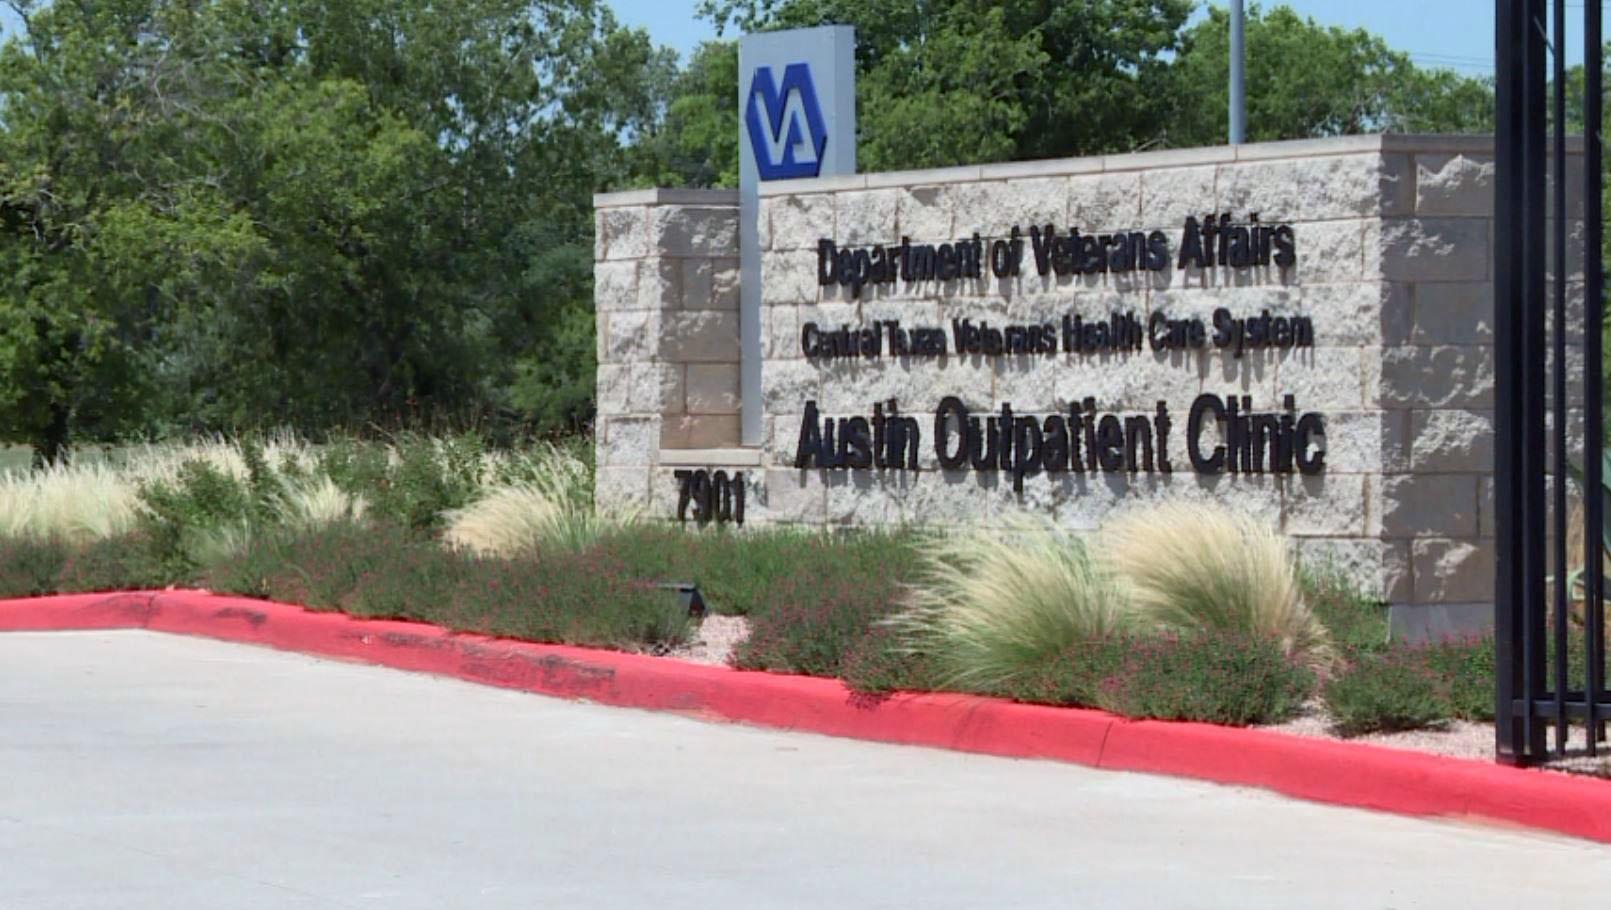 Veterans Affairs Outpatient Clinic Austin - VA clinic